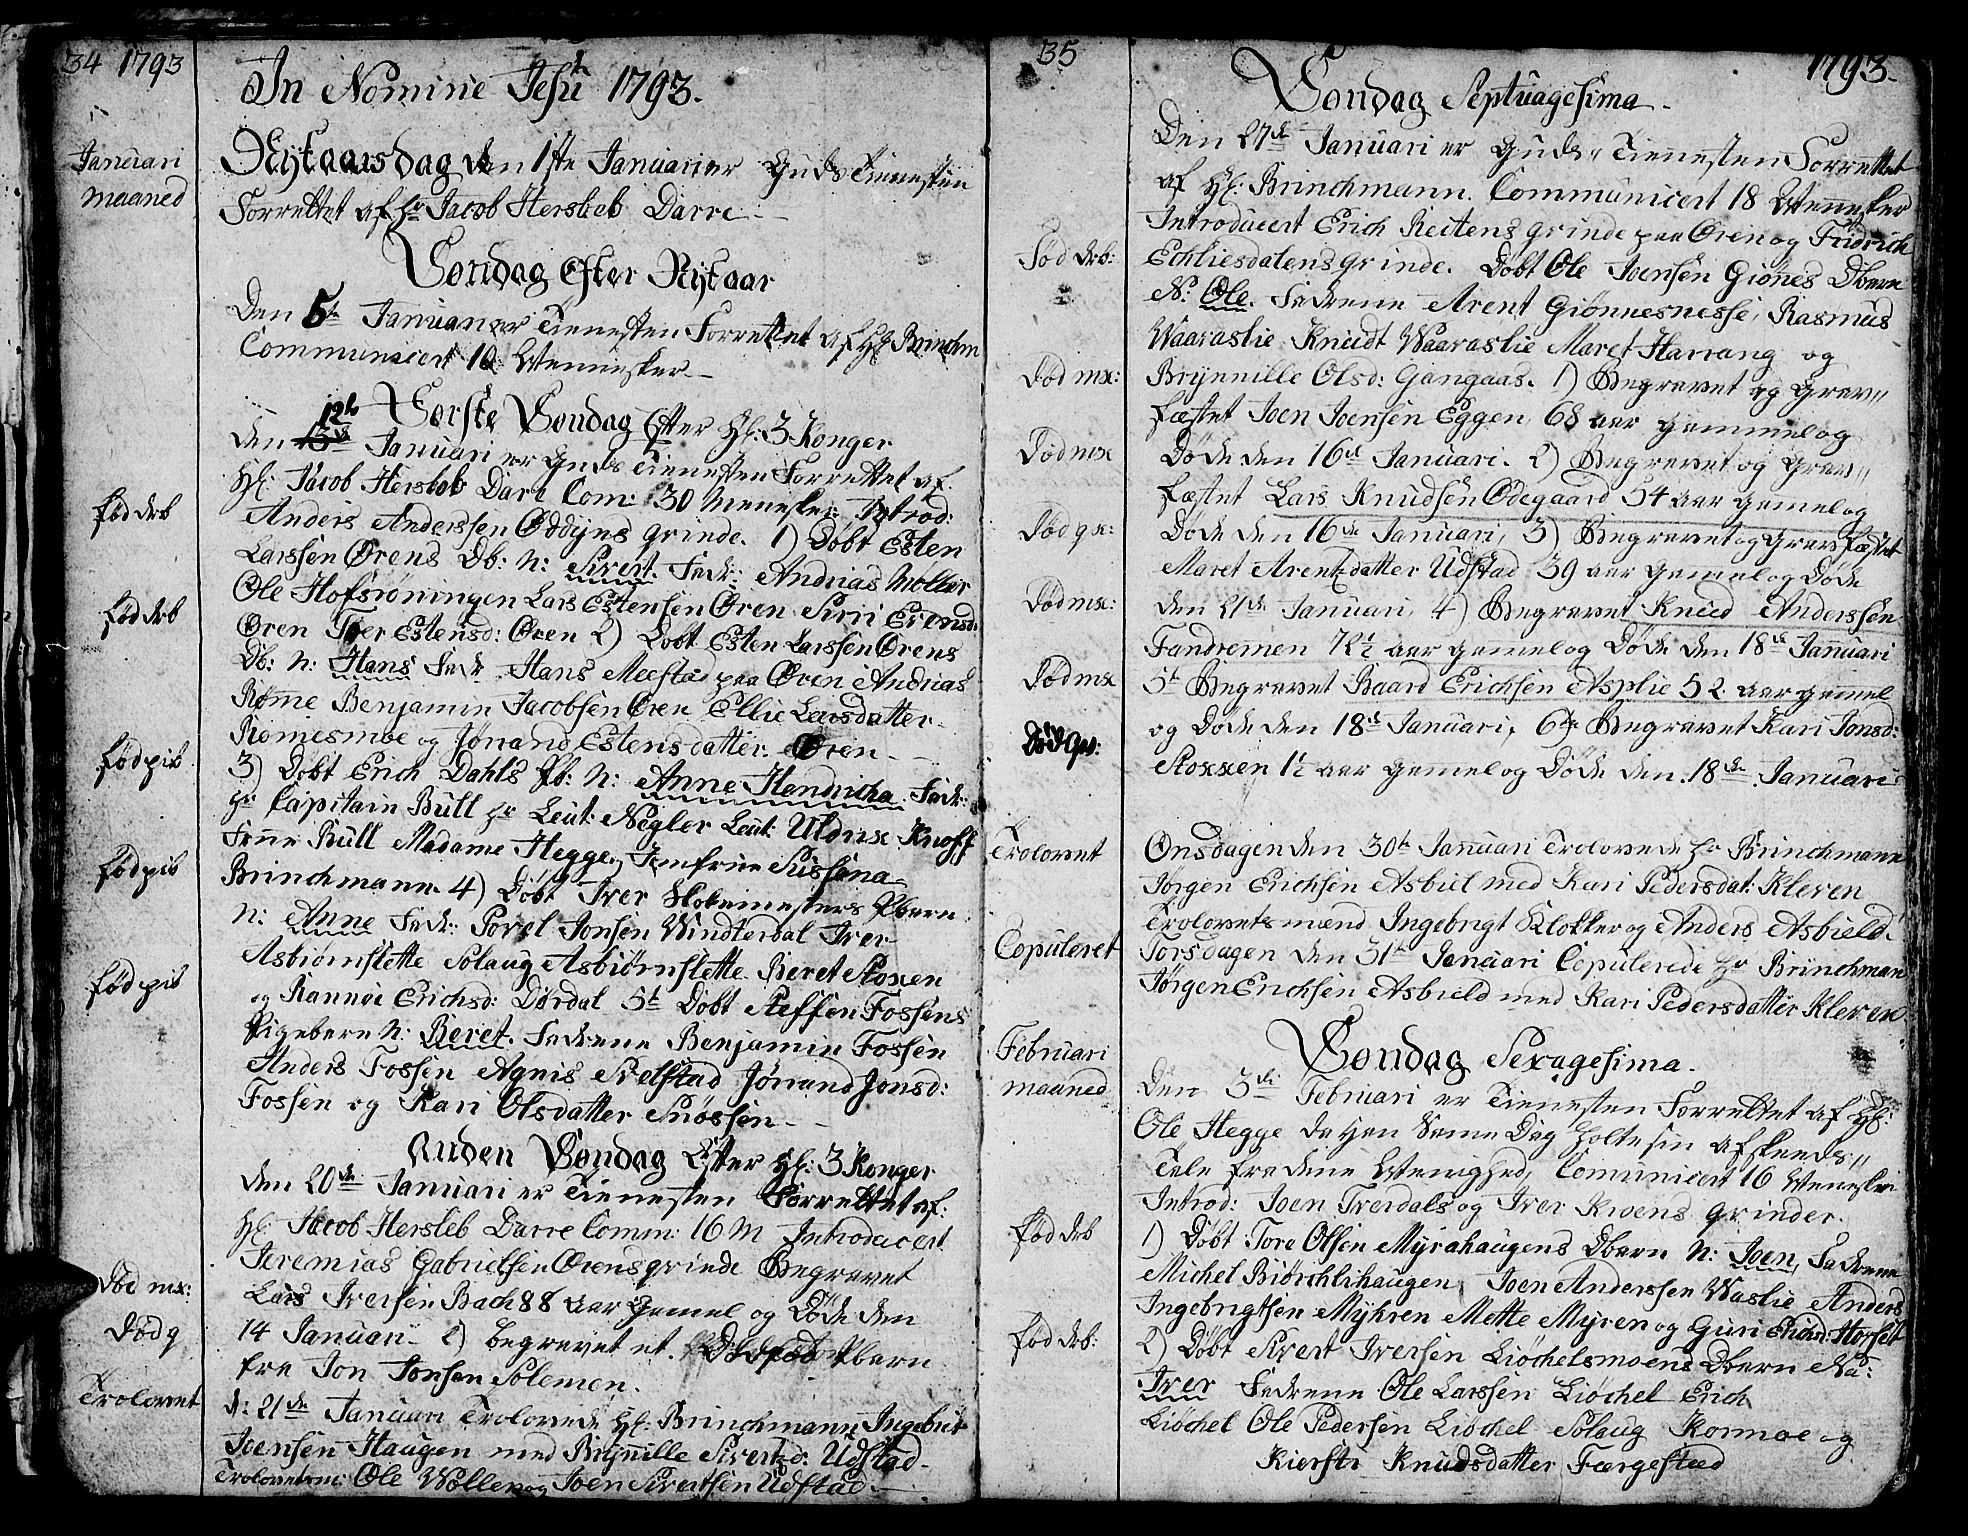 SAT, Ministerialprotokoller, klokkerbøker og fødselsregistre - Sør-Trøndelag, 668/L0815: Klokkerbok nr. 668C04, 1791-1815, s. 34-35